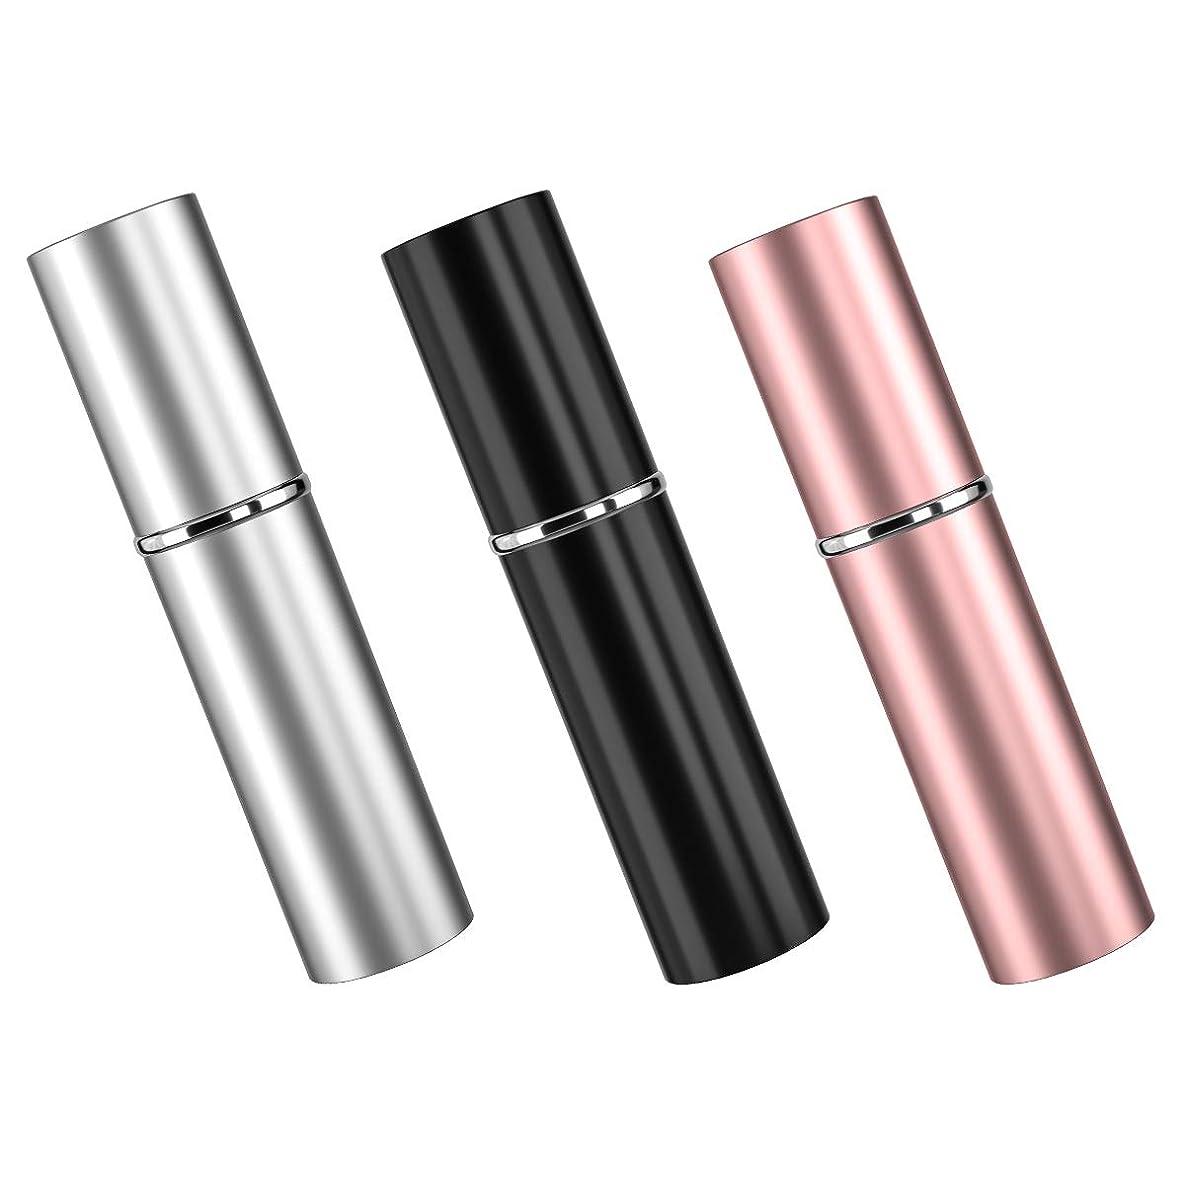 まだら配当気をつけてアトマイザ 香水 3色セット 詰め替え容器 スプレーボトル 小分けボトル トラベルボトル 旅行携帯便利 男女兼用 6ml 漏斗付き (ピンク、ブラック、銀)